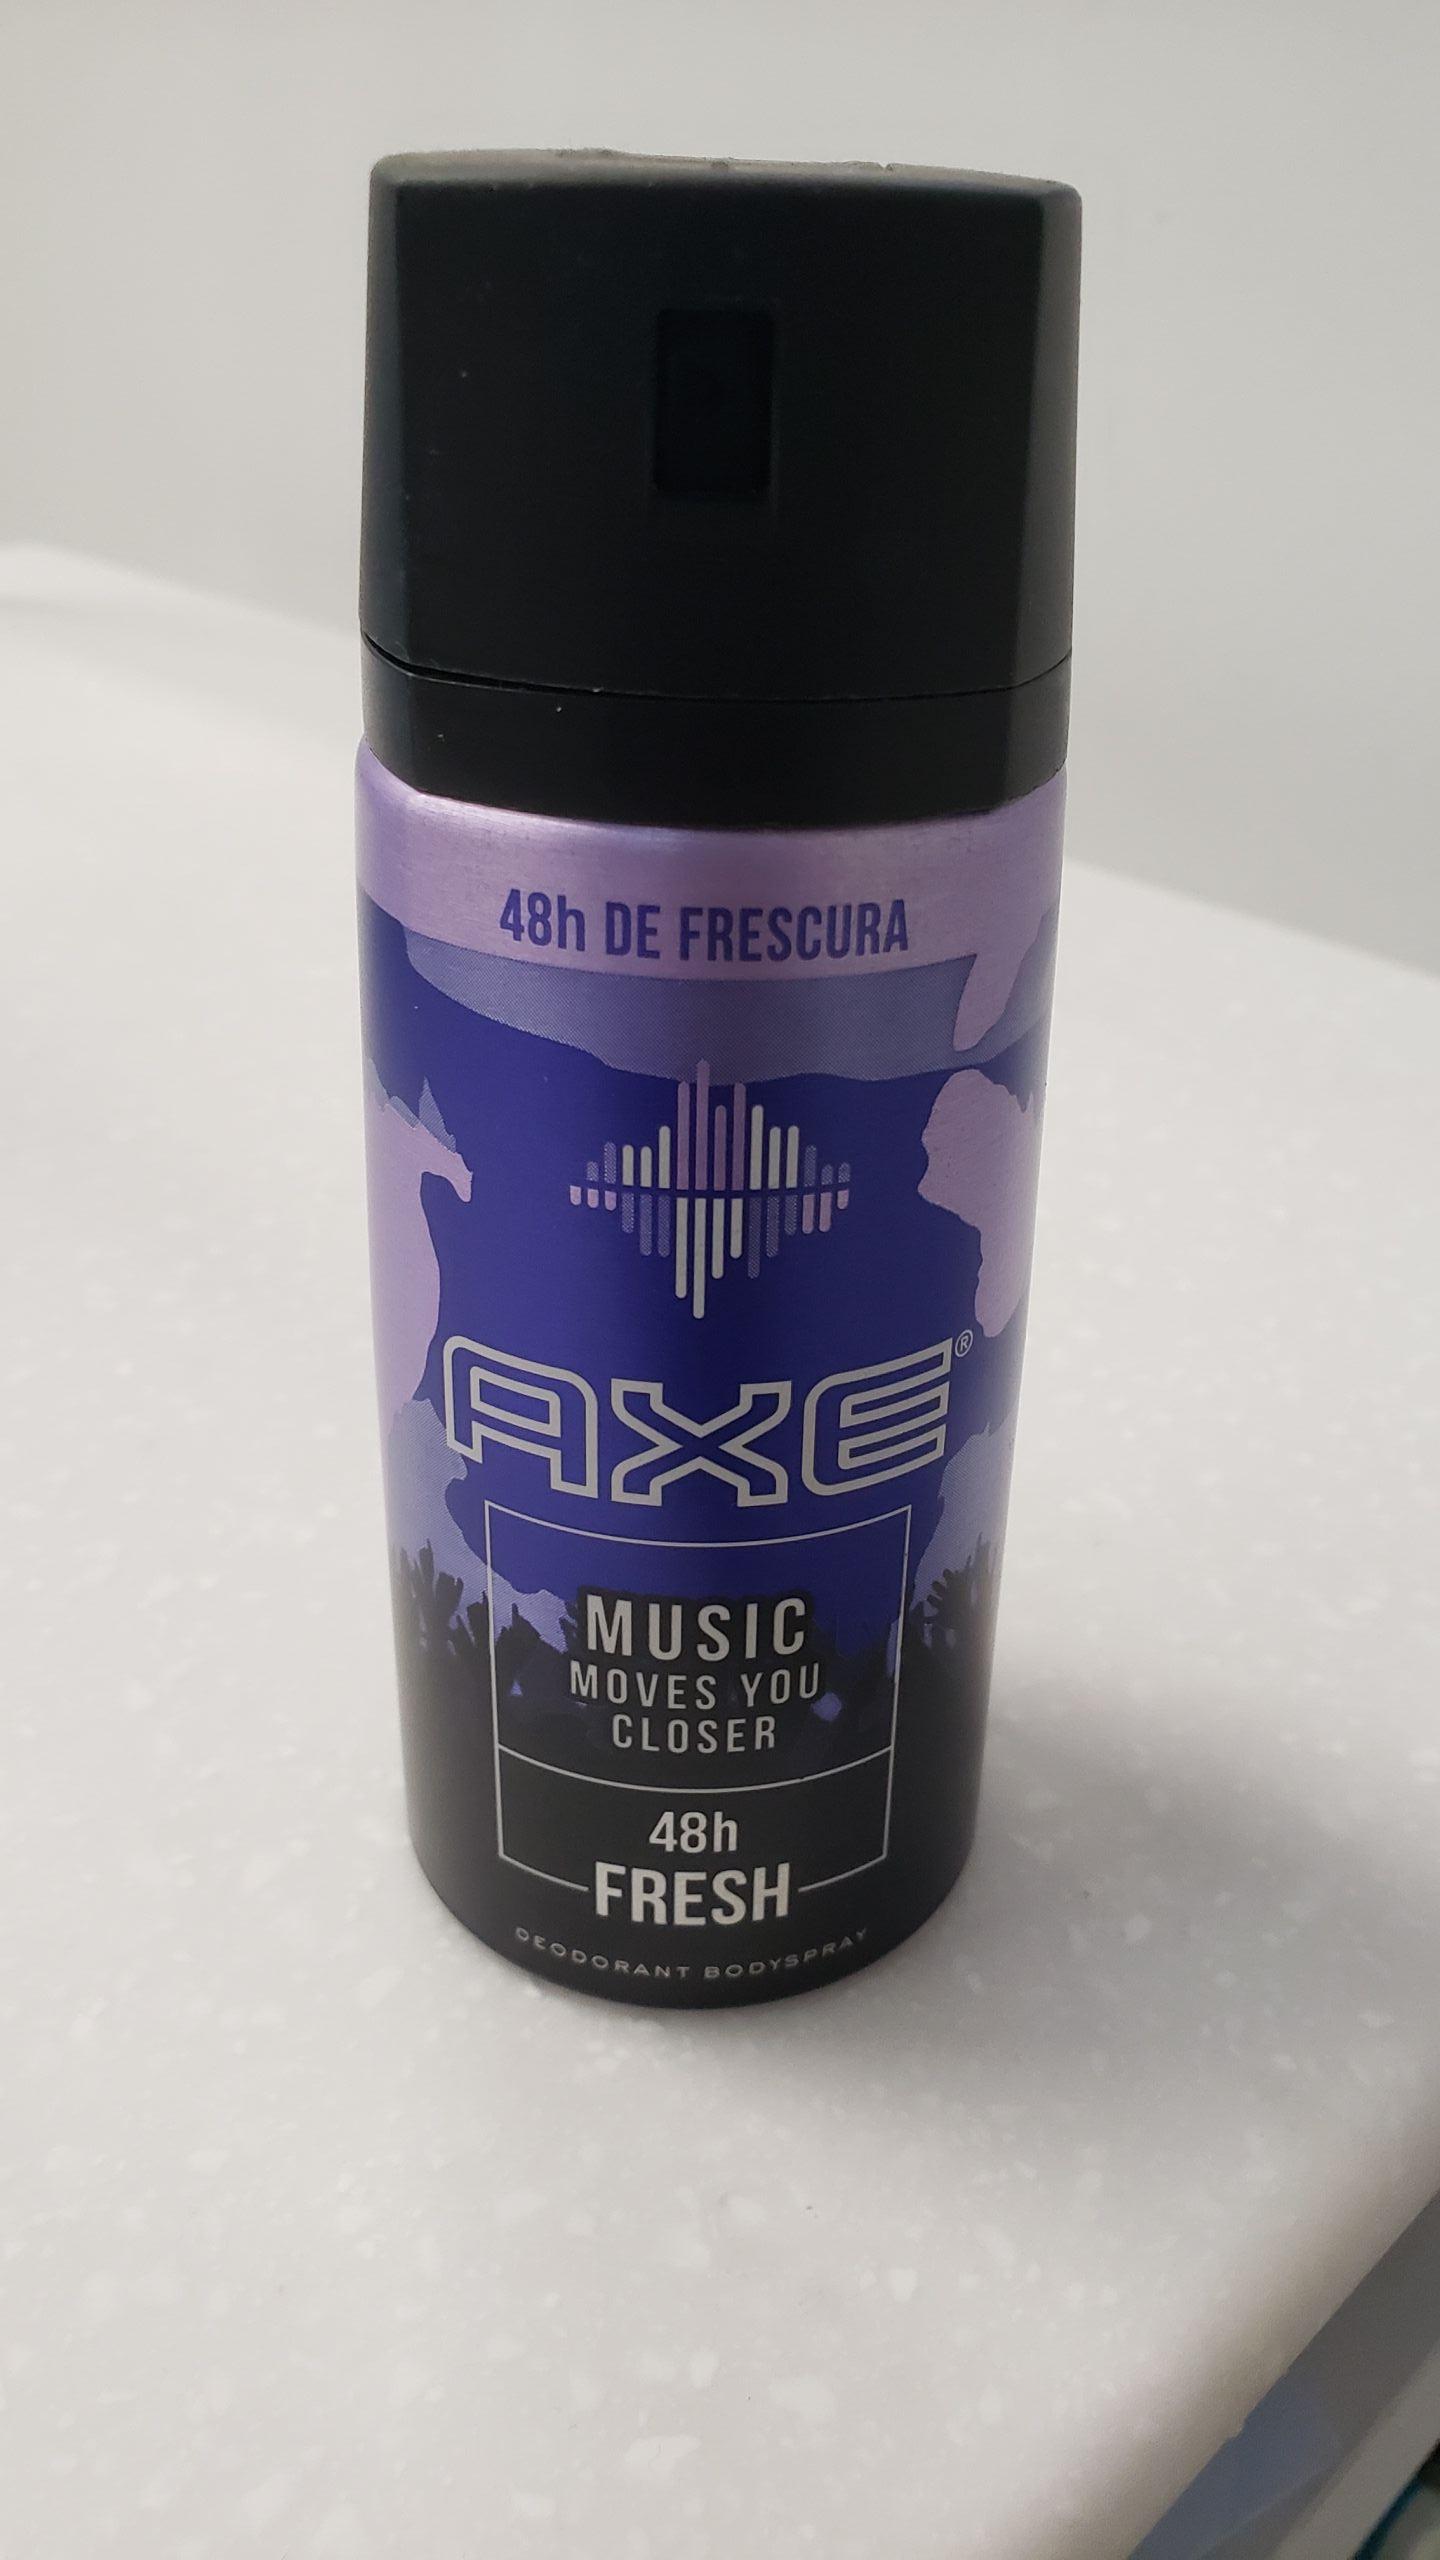 Farmacia San Pablo: Desororante Axe Music aerosol